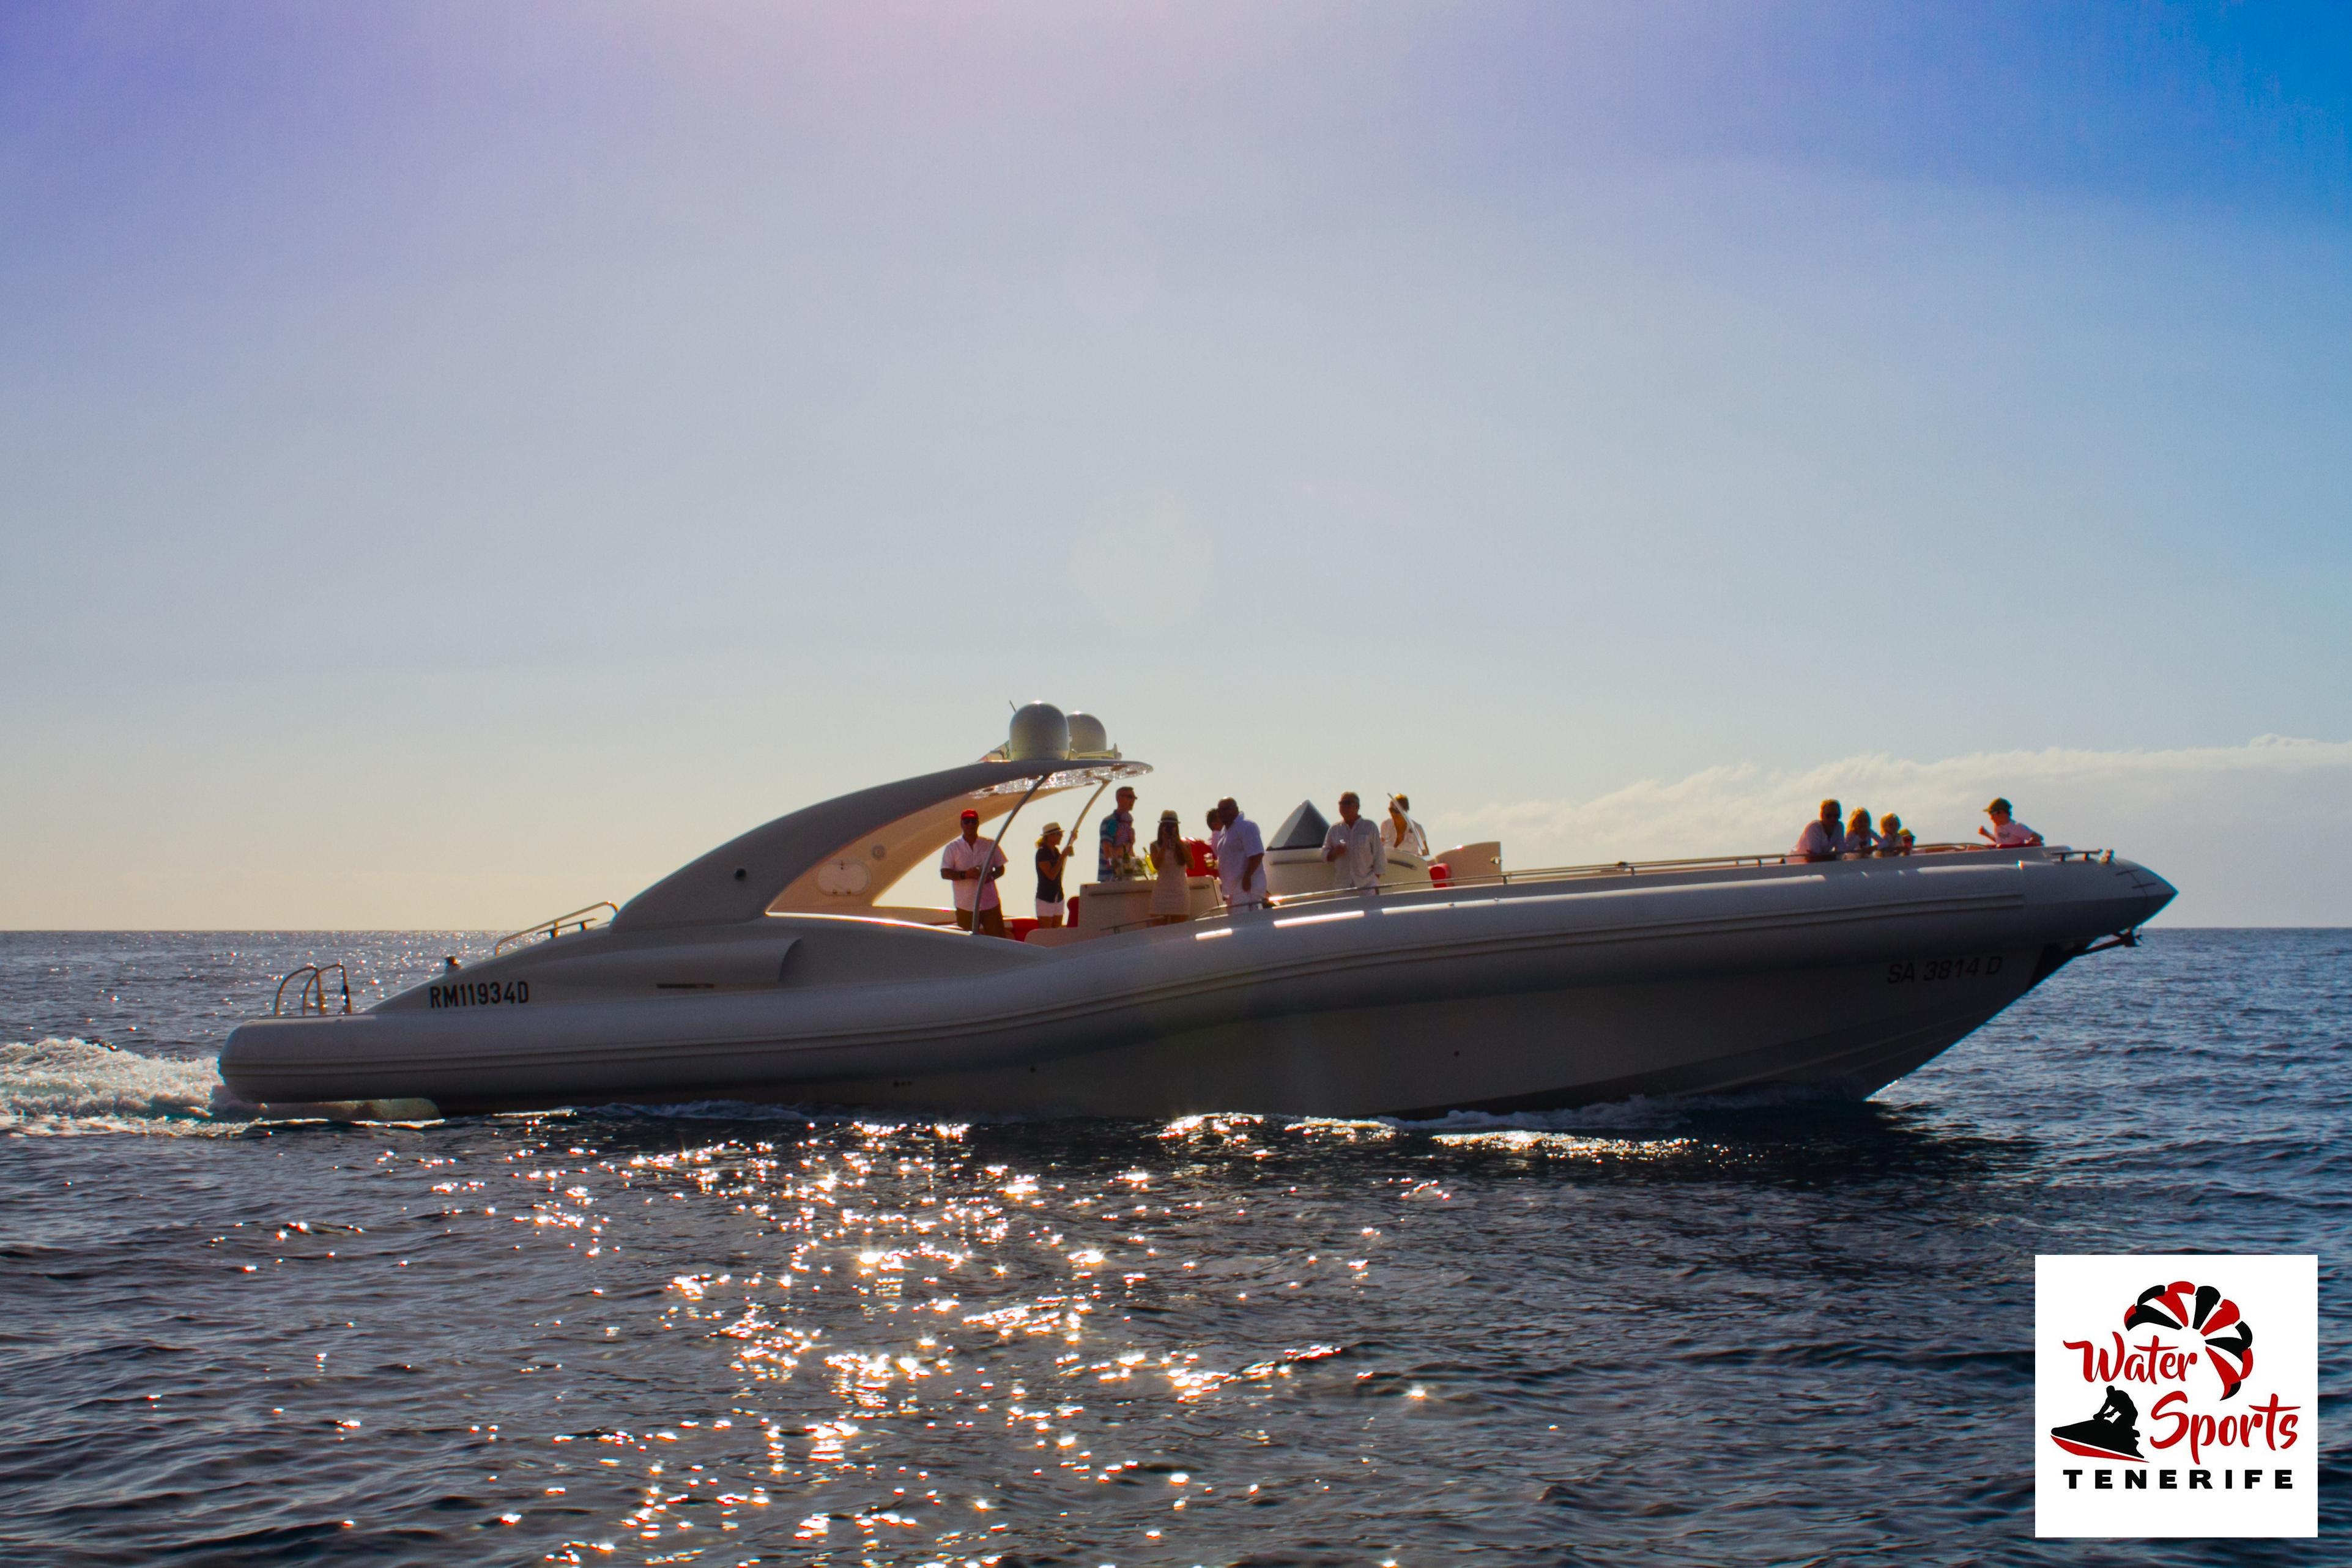 sea riders excursion lanchas rapidas en costa adeje puerto colon